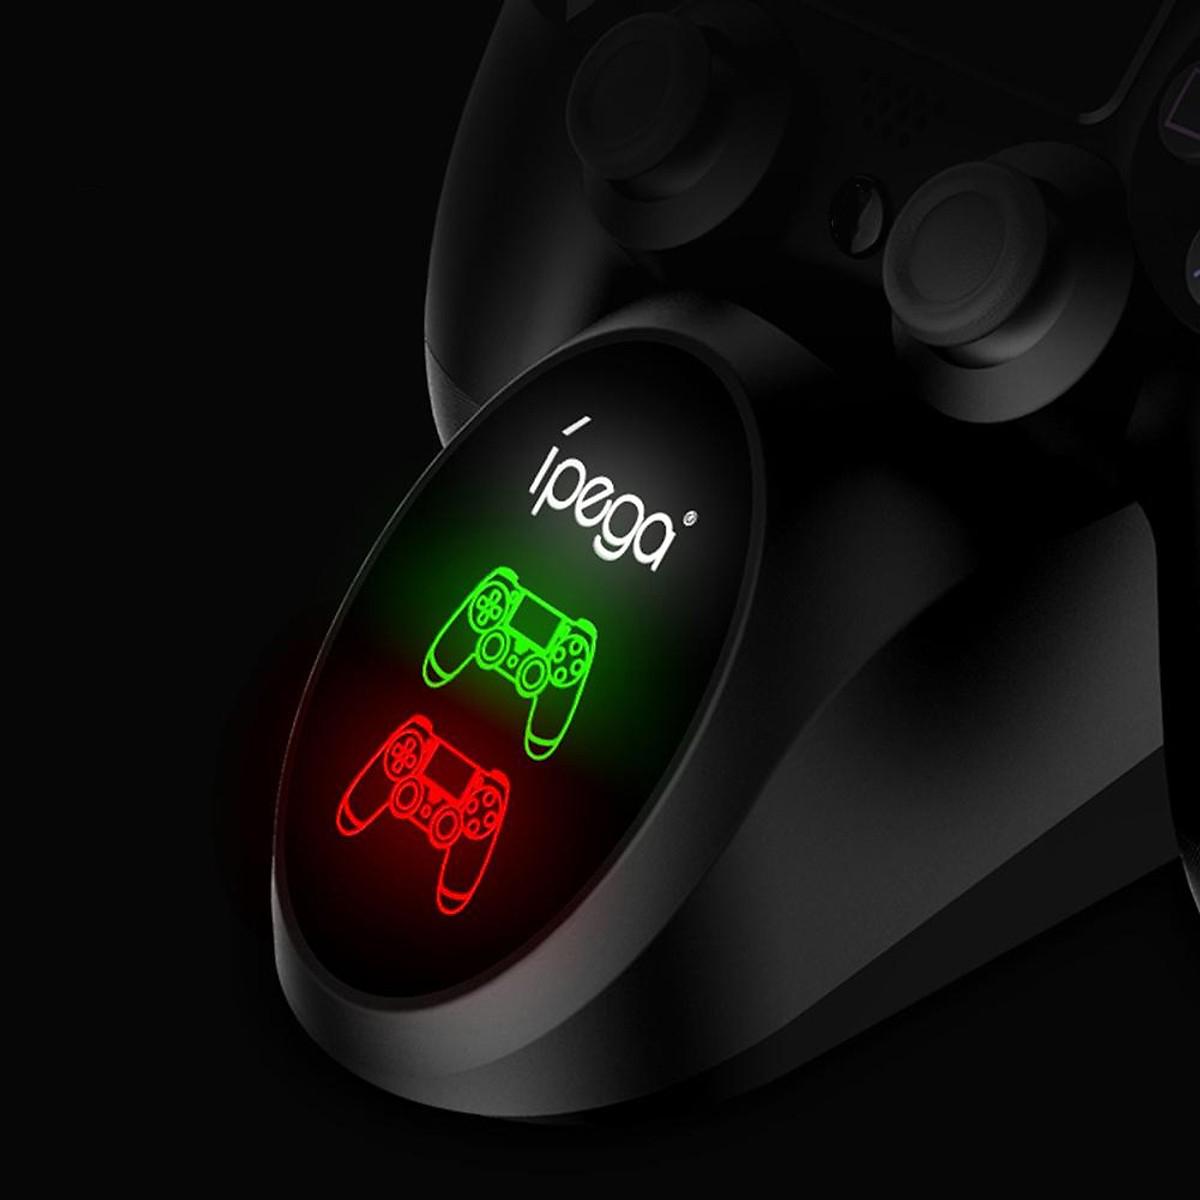 Đế sạc cho 2 tay cầm PS4 Slim/ Pro có led báo hiêu - iPega 9180